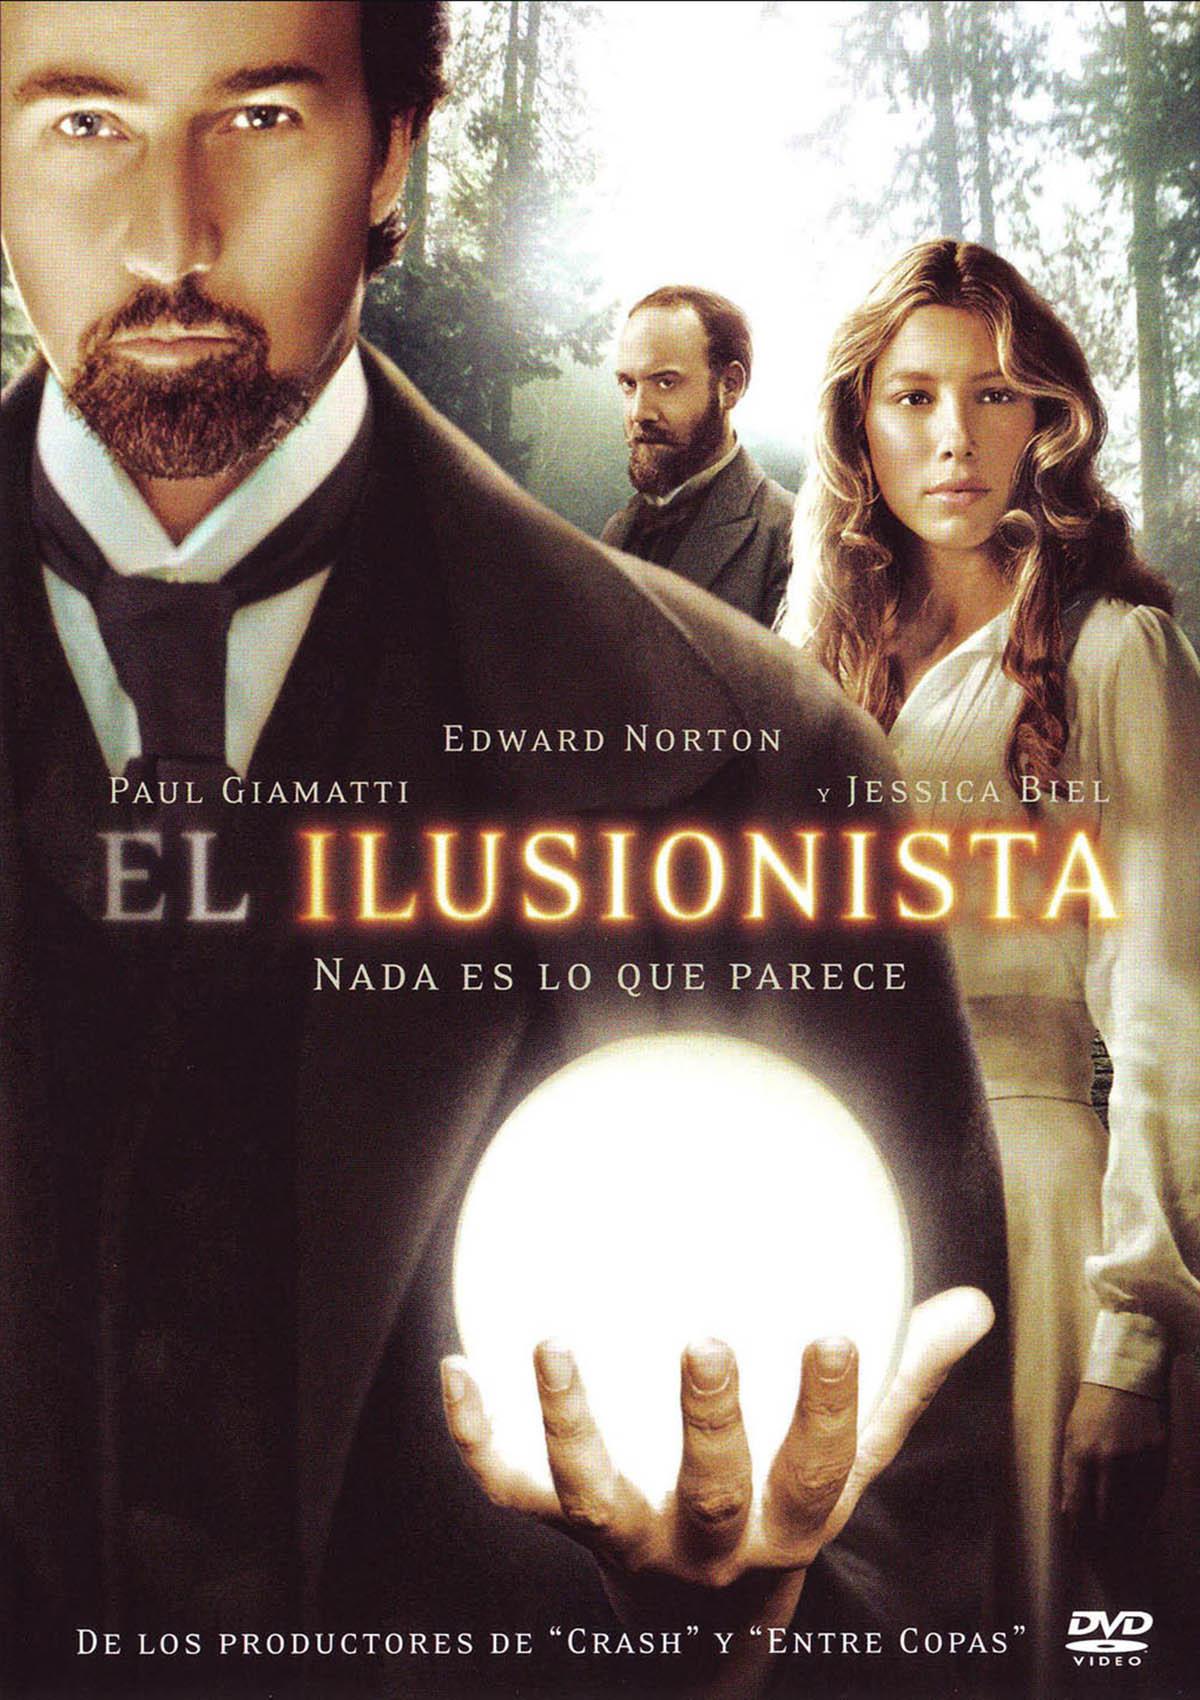 El Ilusionista: Películas similares - SensaCine com